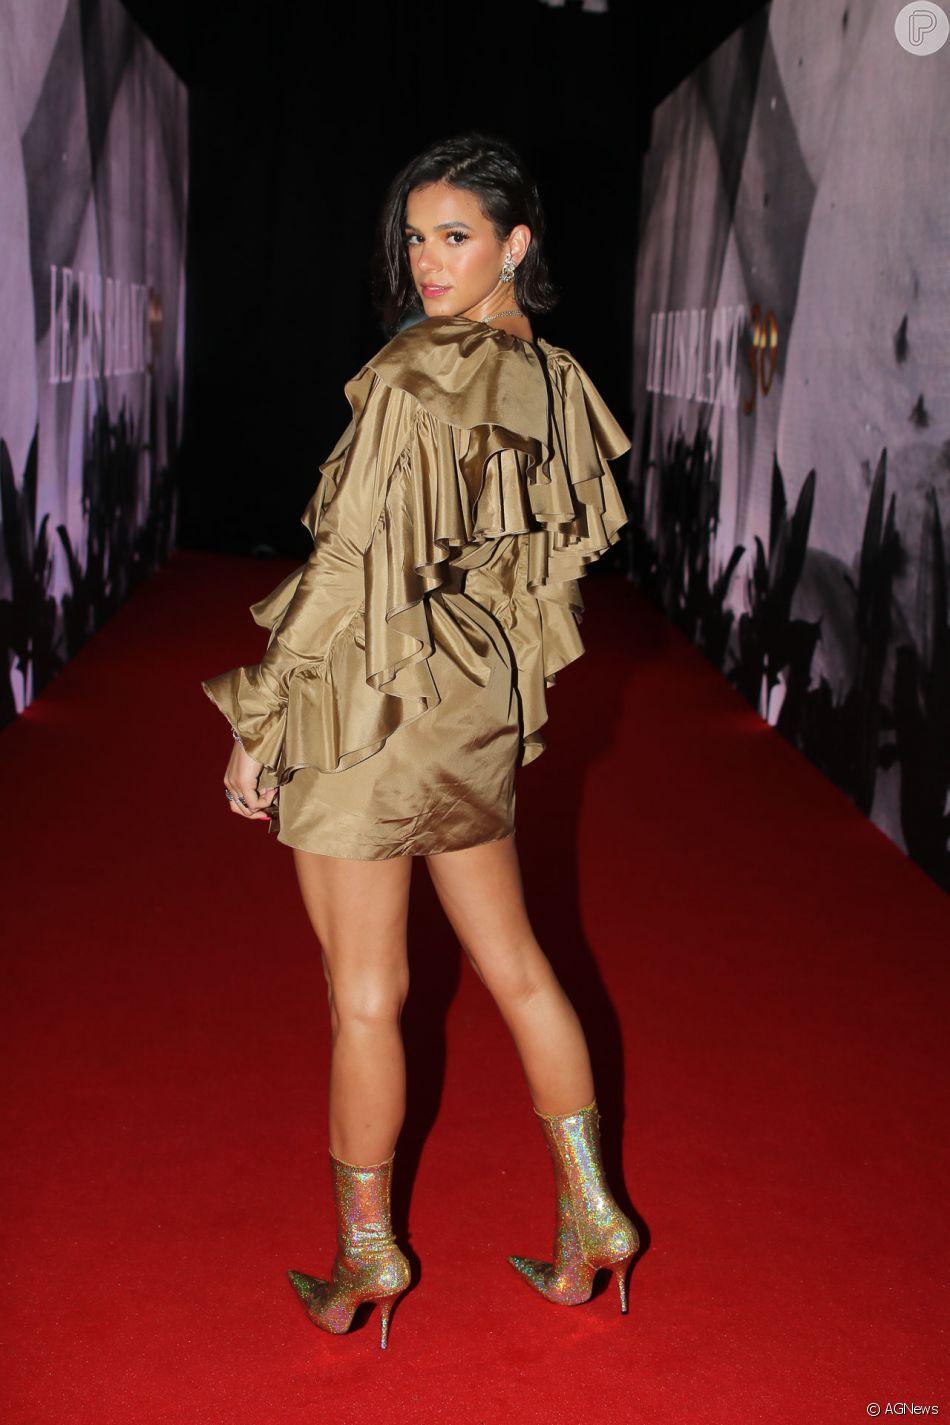 Bruna Marquzine está entre as mais sexy de 2018 na lista da revista 'Istoé Gente'. Veja o ranking a seguir!